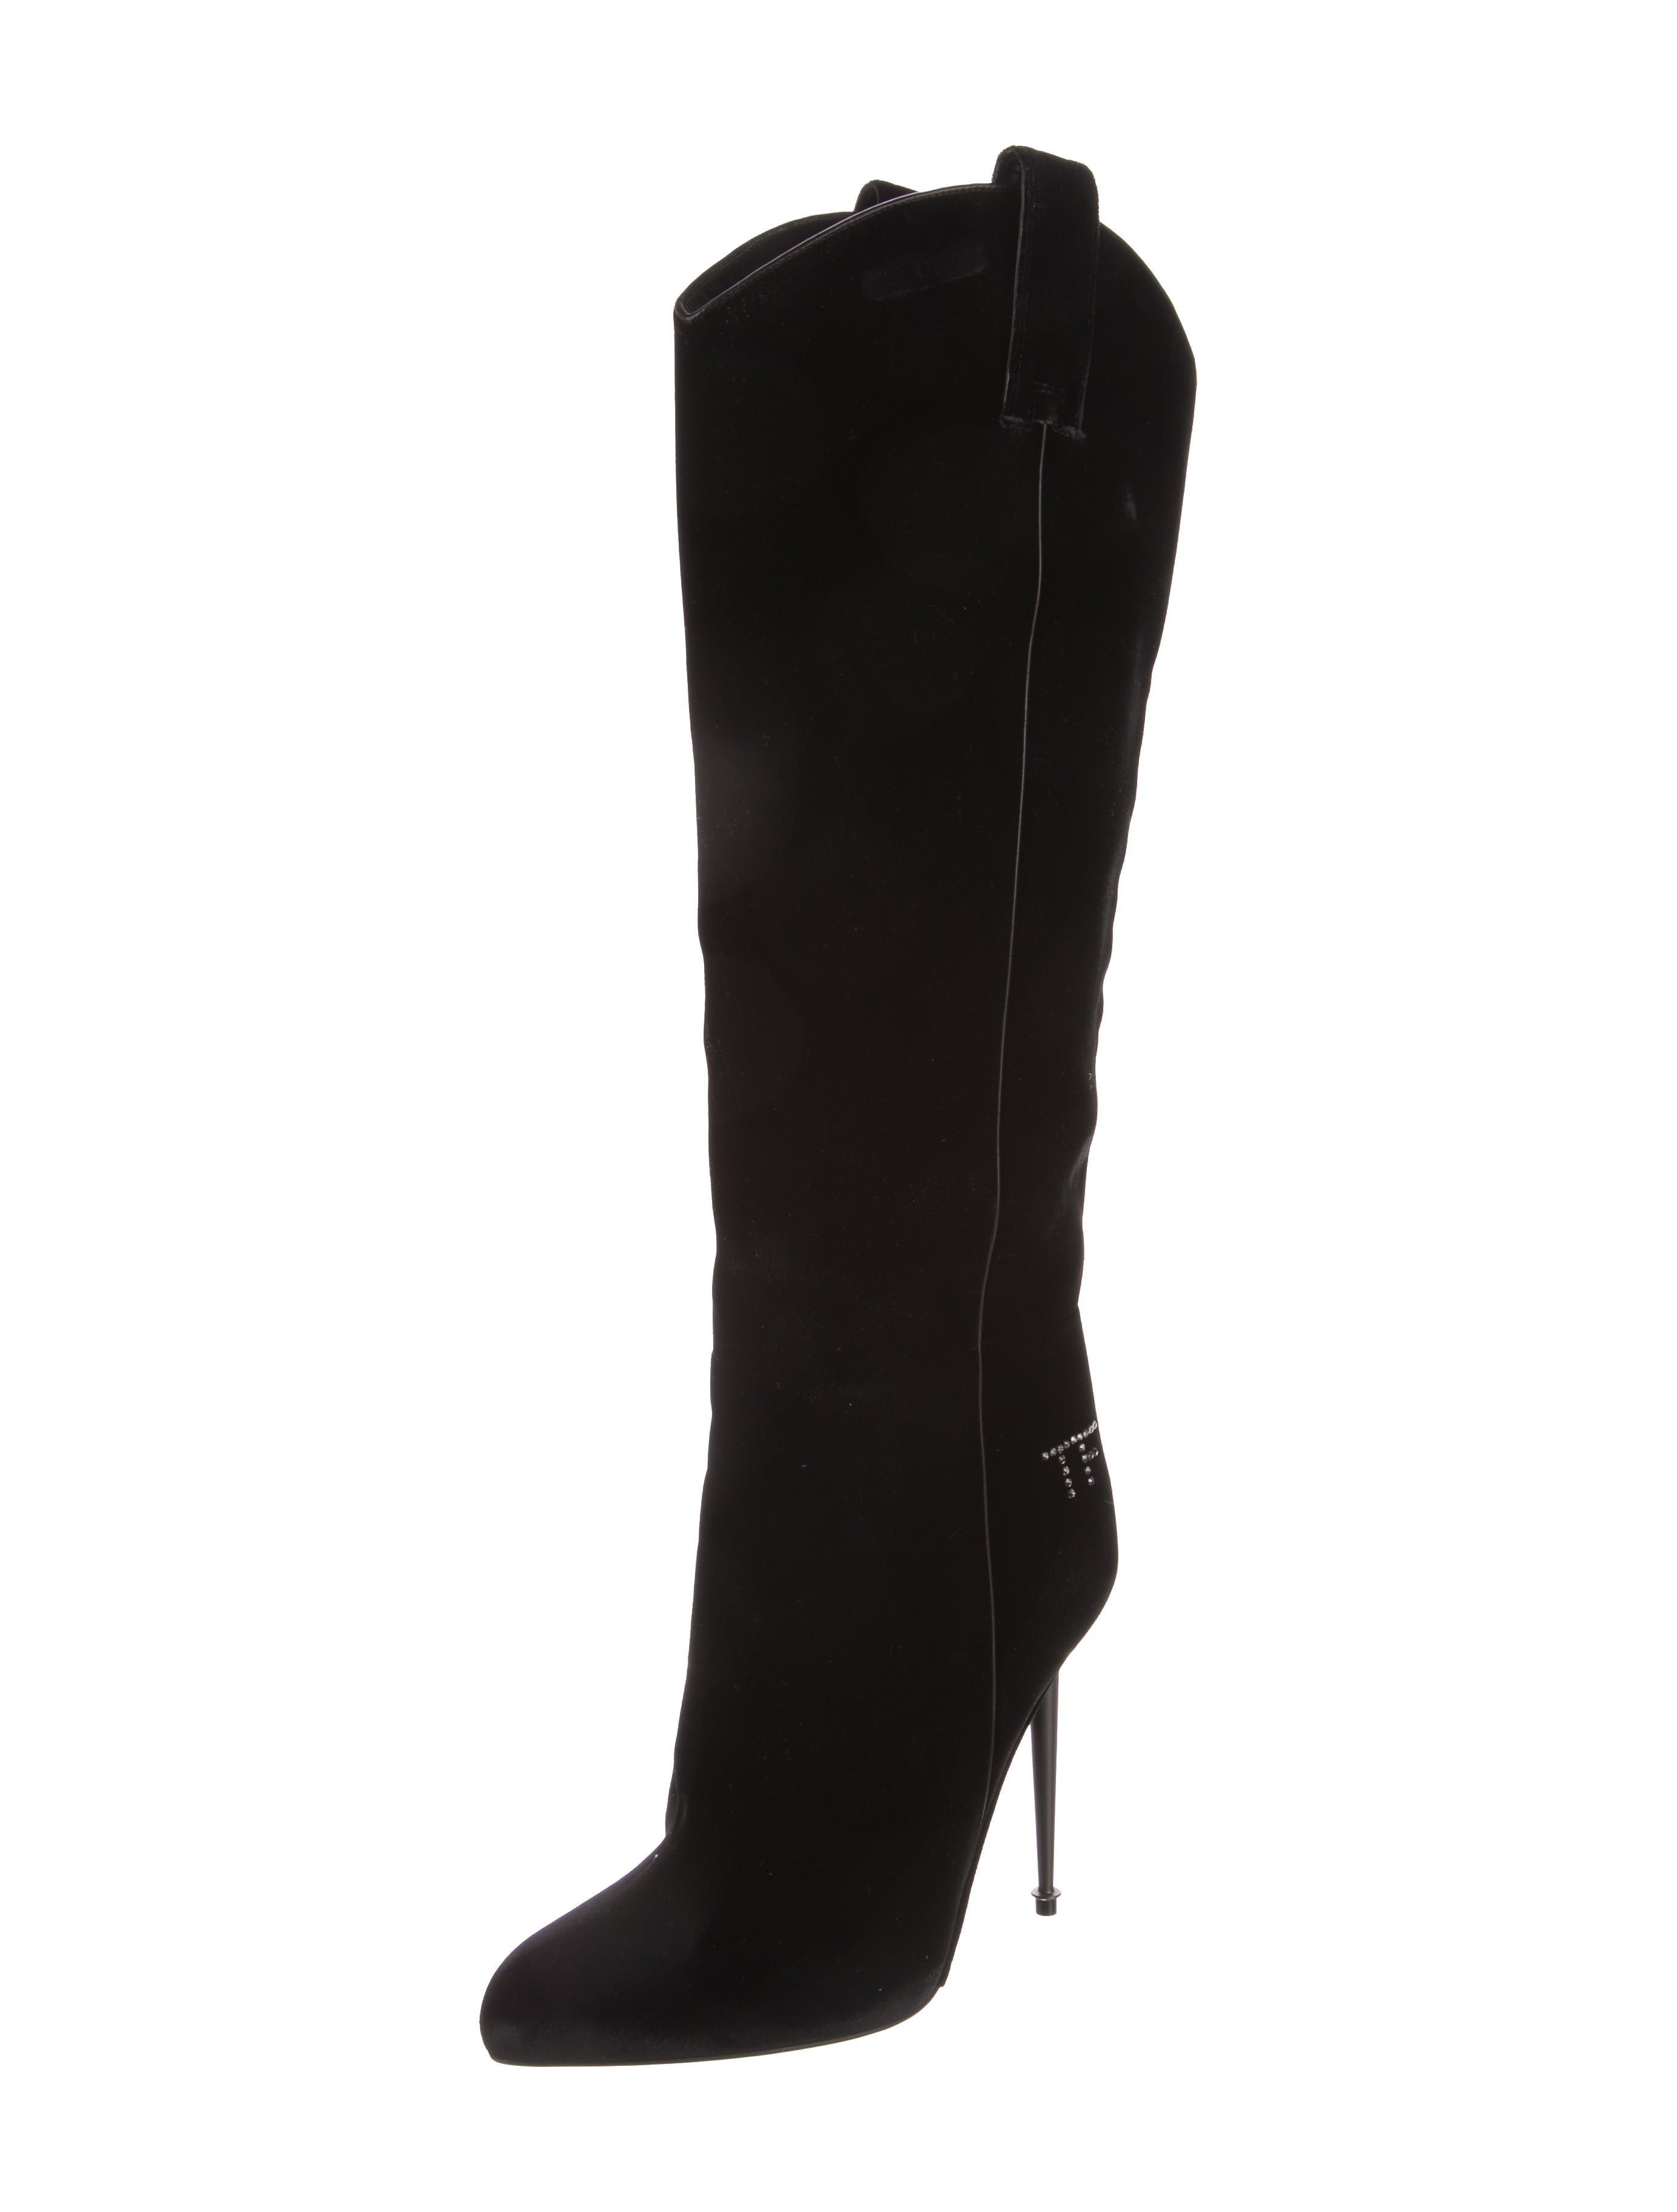 tom ford velvet knee high boots shoes tom37594 the